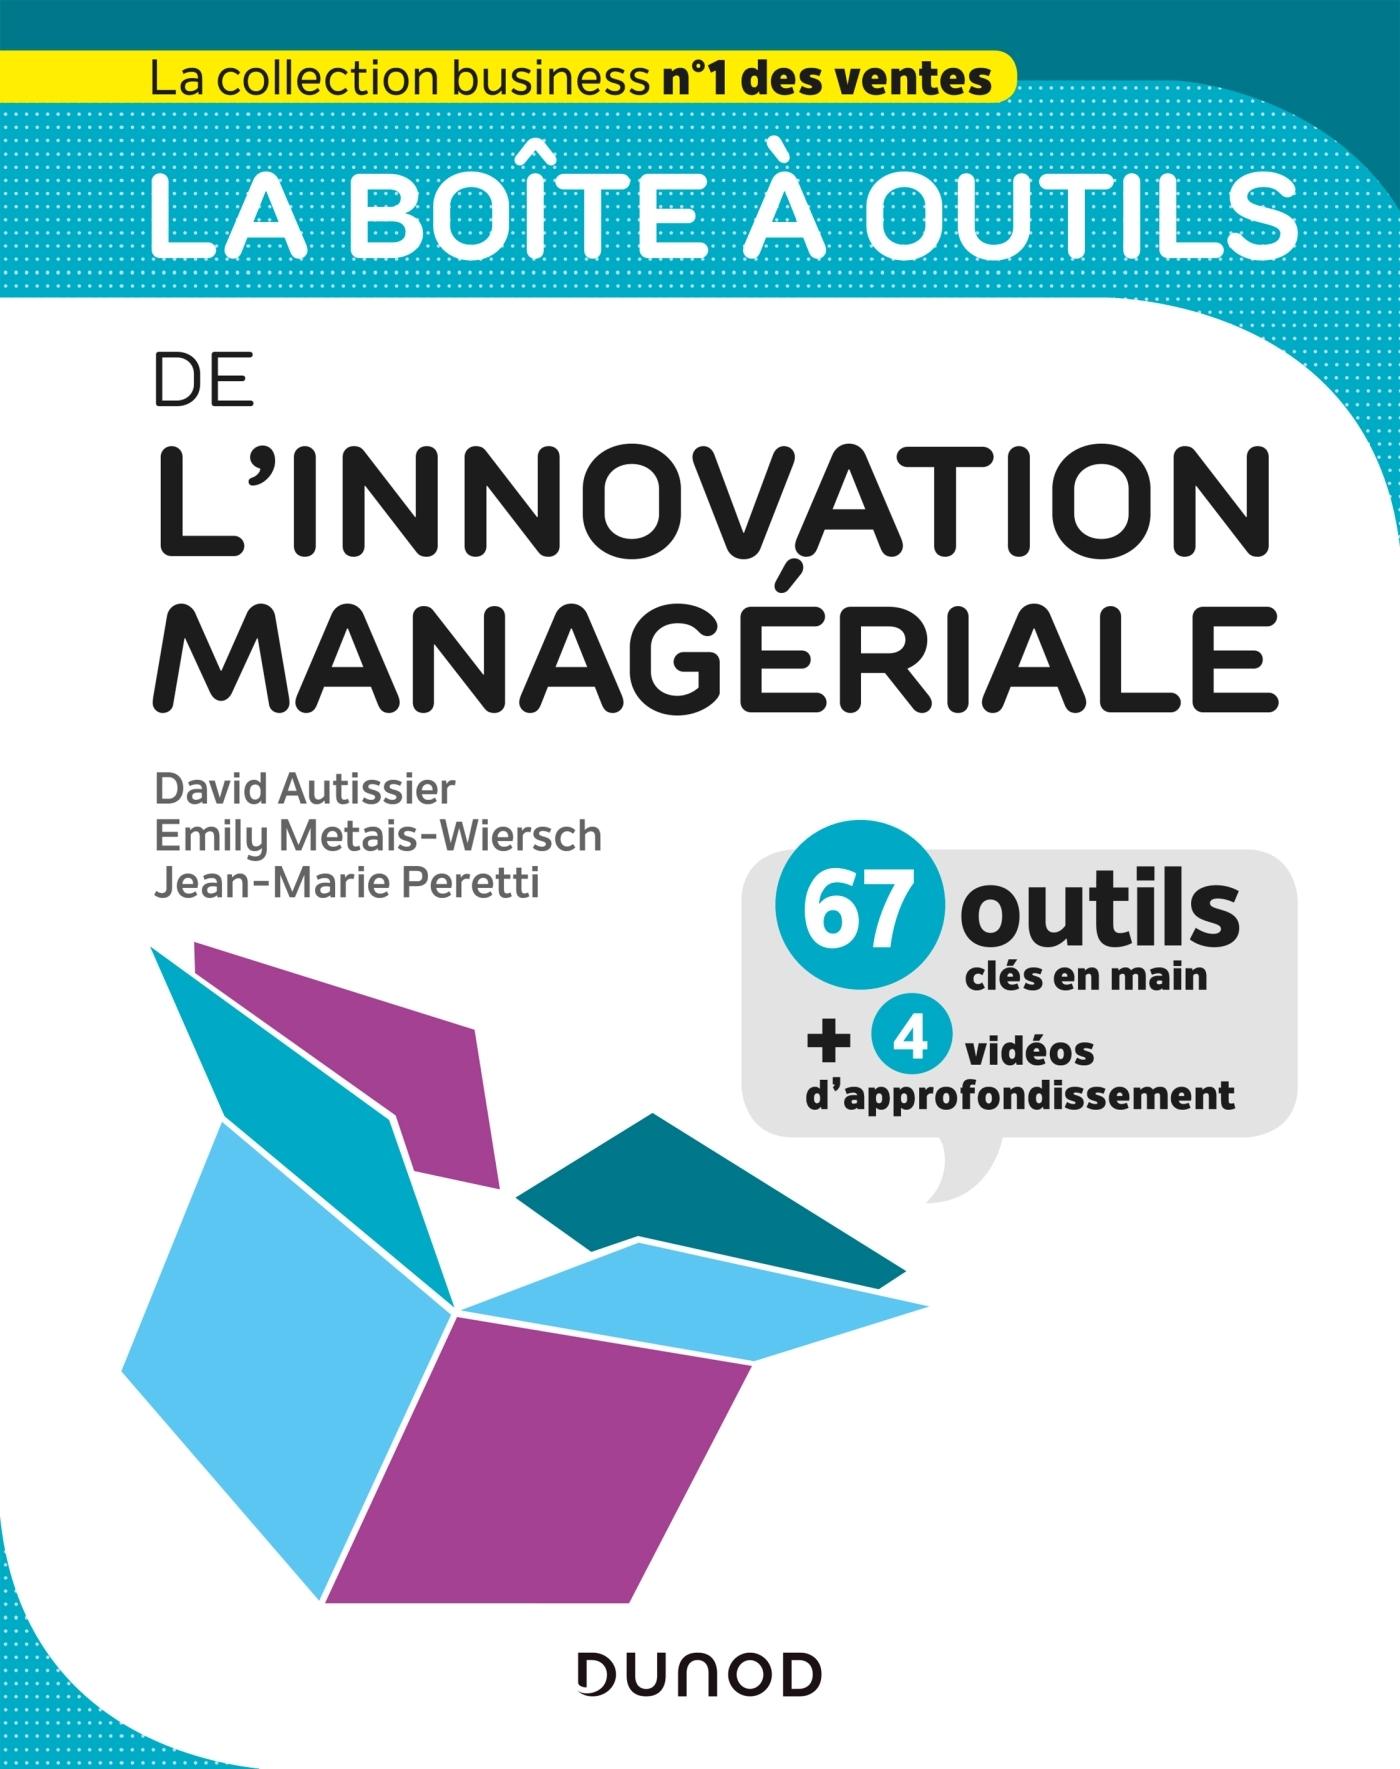 LA BOITE A OUTILS DE L'INNOVATION MANAGERIALE